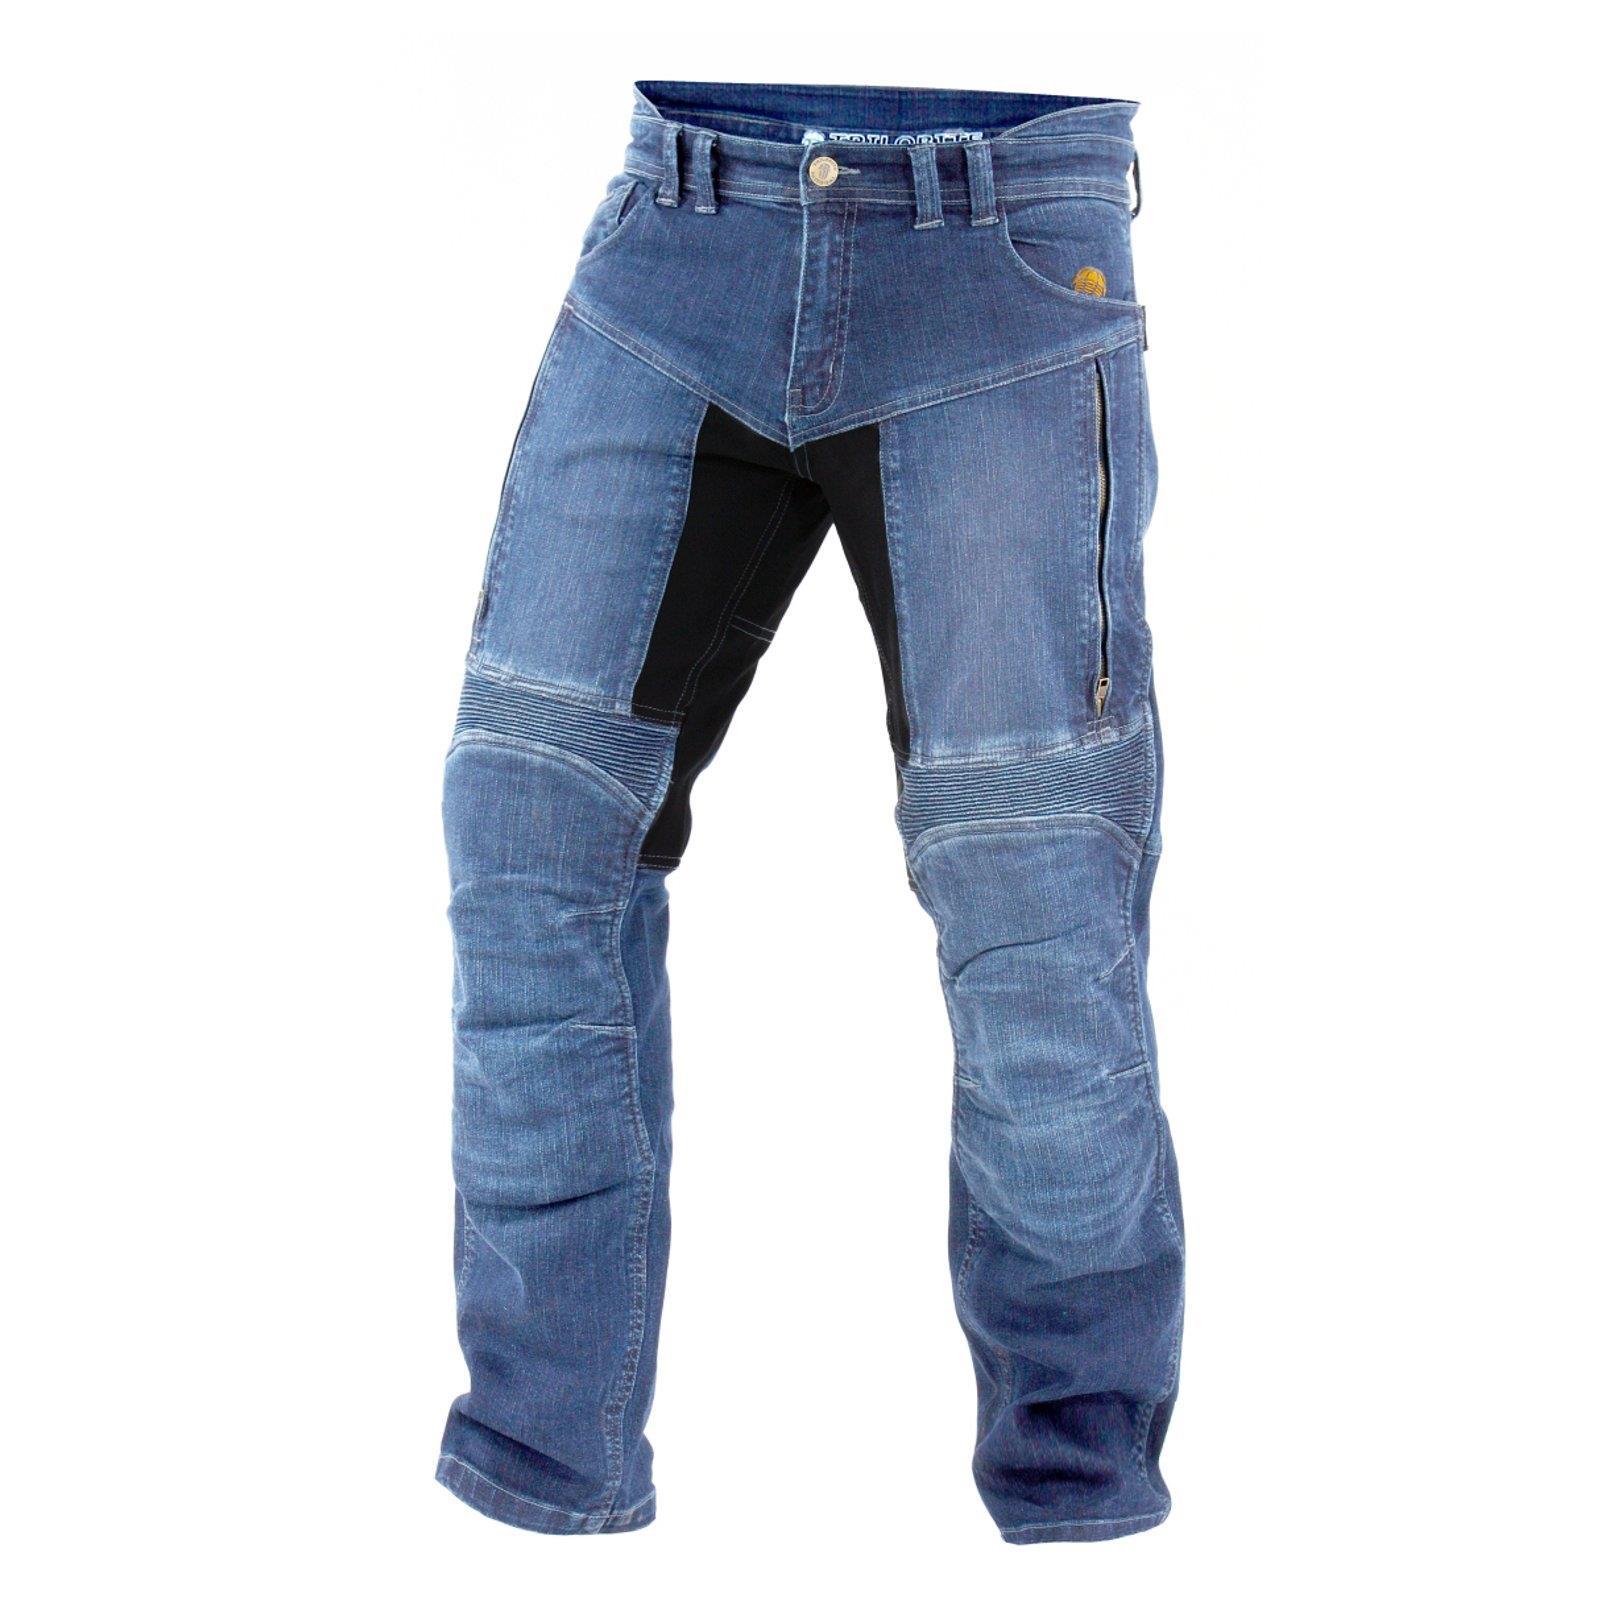 Trilobite-paradoxale-veste-pantalon-protecteur-incl-d-039-aramide-Moto-Jeans-Hommes-Femmes miniature 23